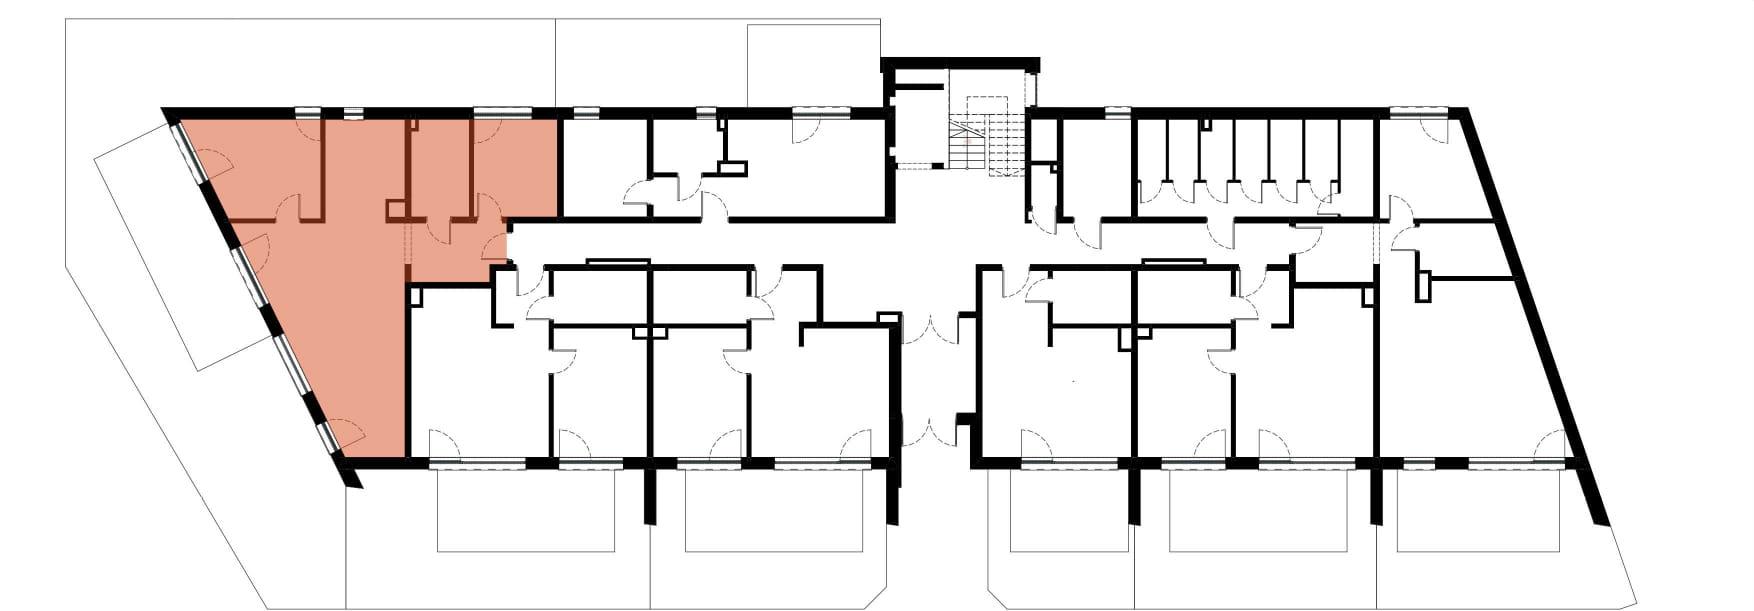 Apartamenty Kamienna / apartamenty inwestycyjne M06 rzut 2